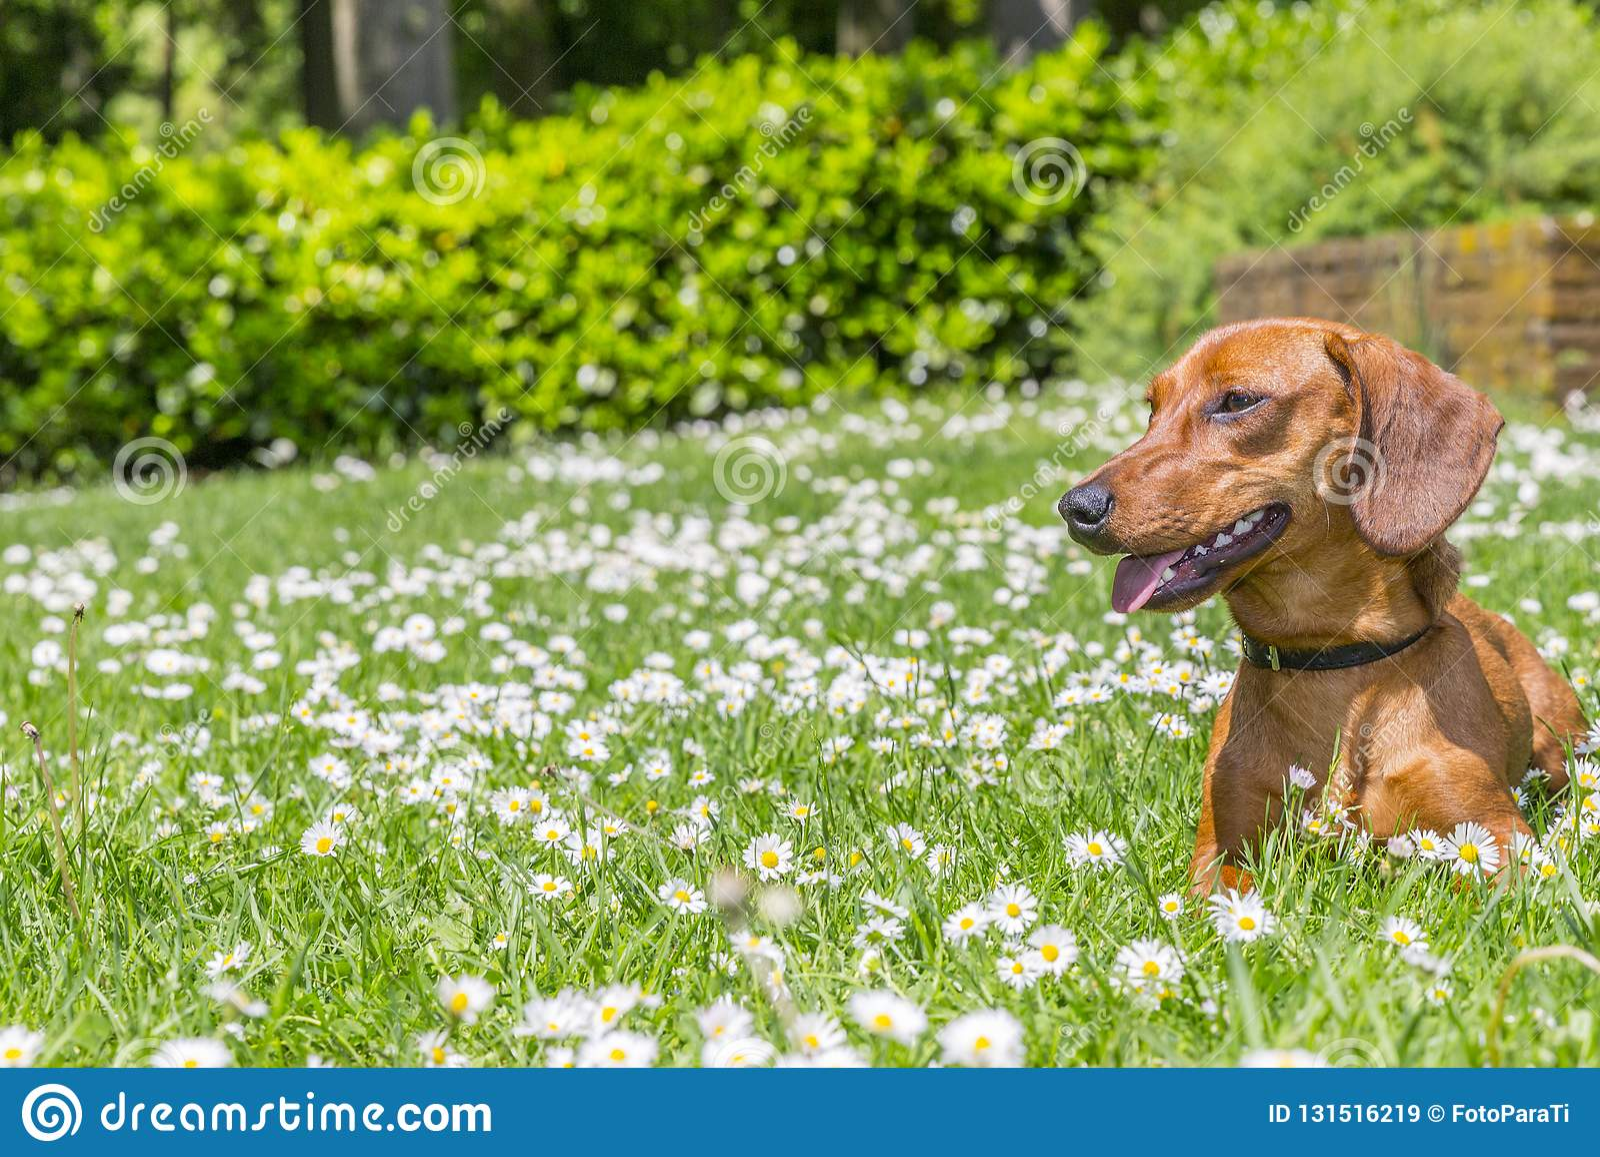 Beau chien de saucisse se trouvant sur une herbe verte